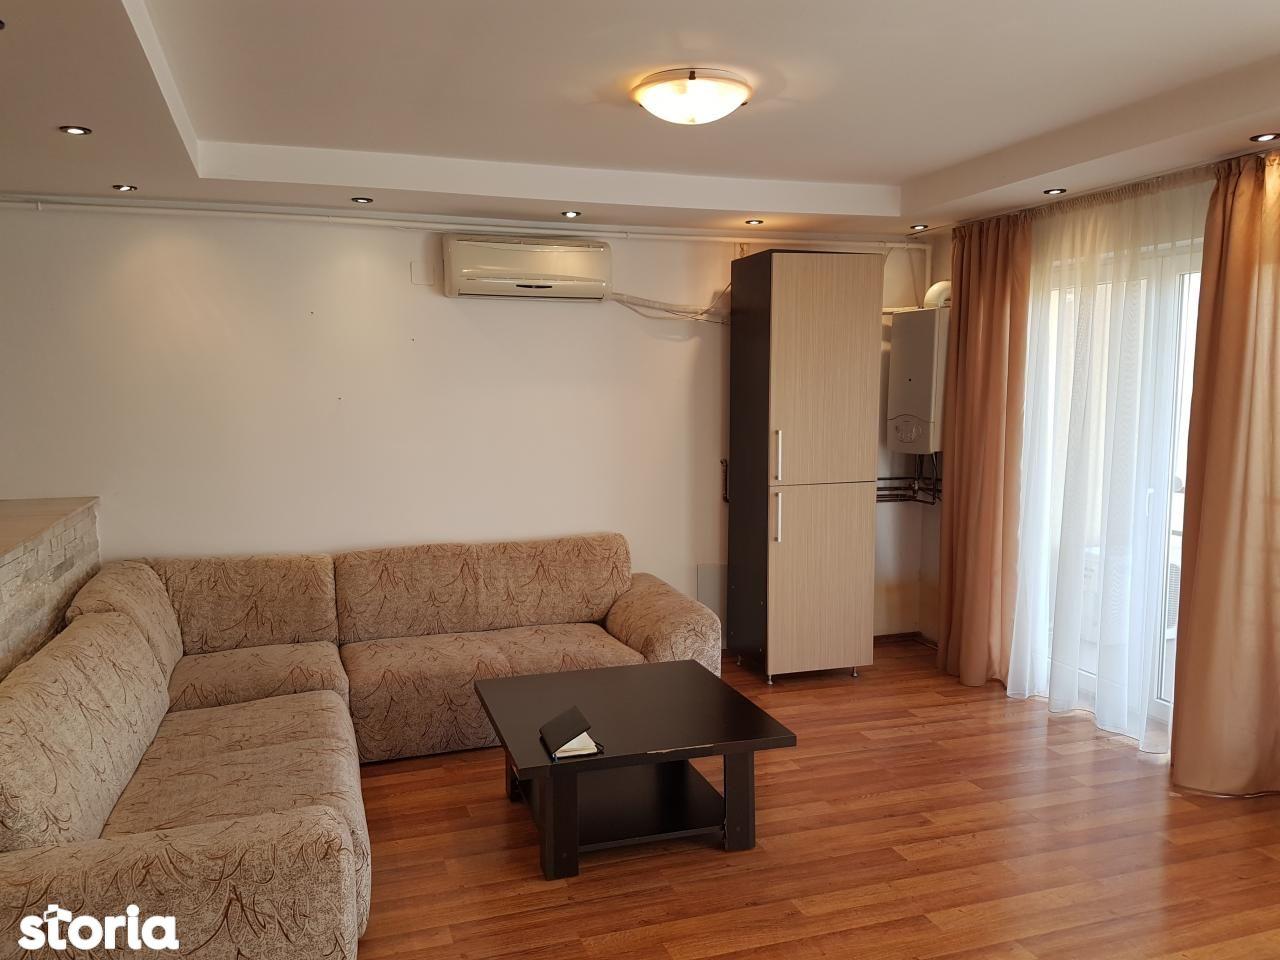 Apartament de vanzare, Oradea, Bihor, Lotus - Foto 3